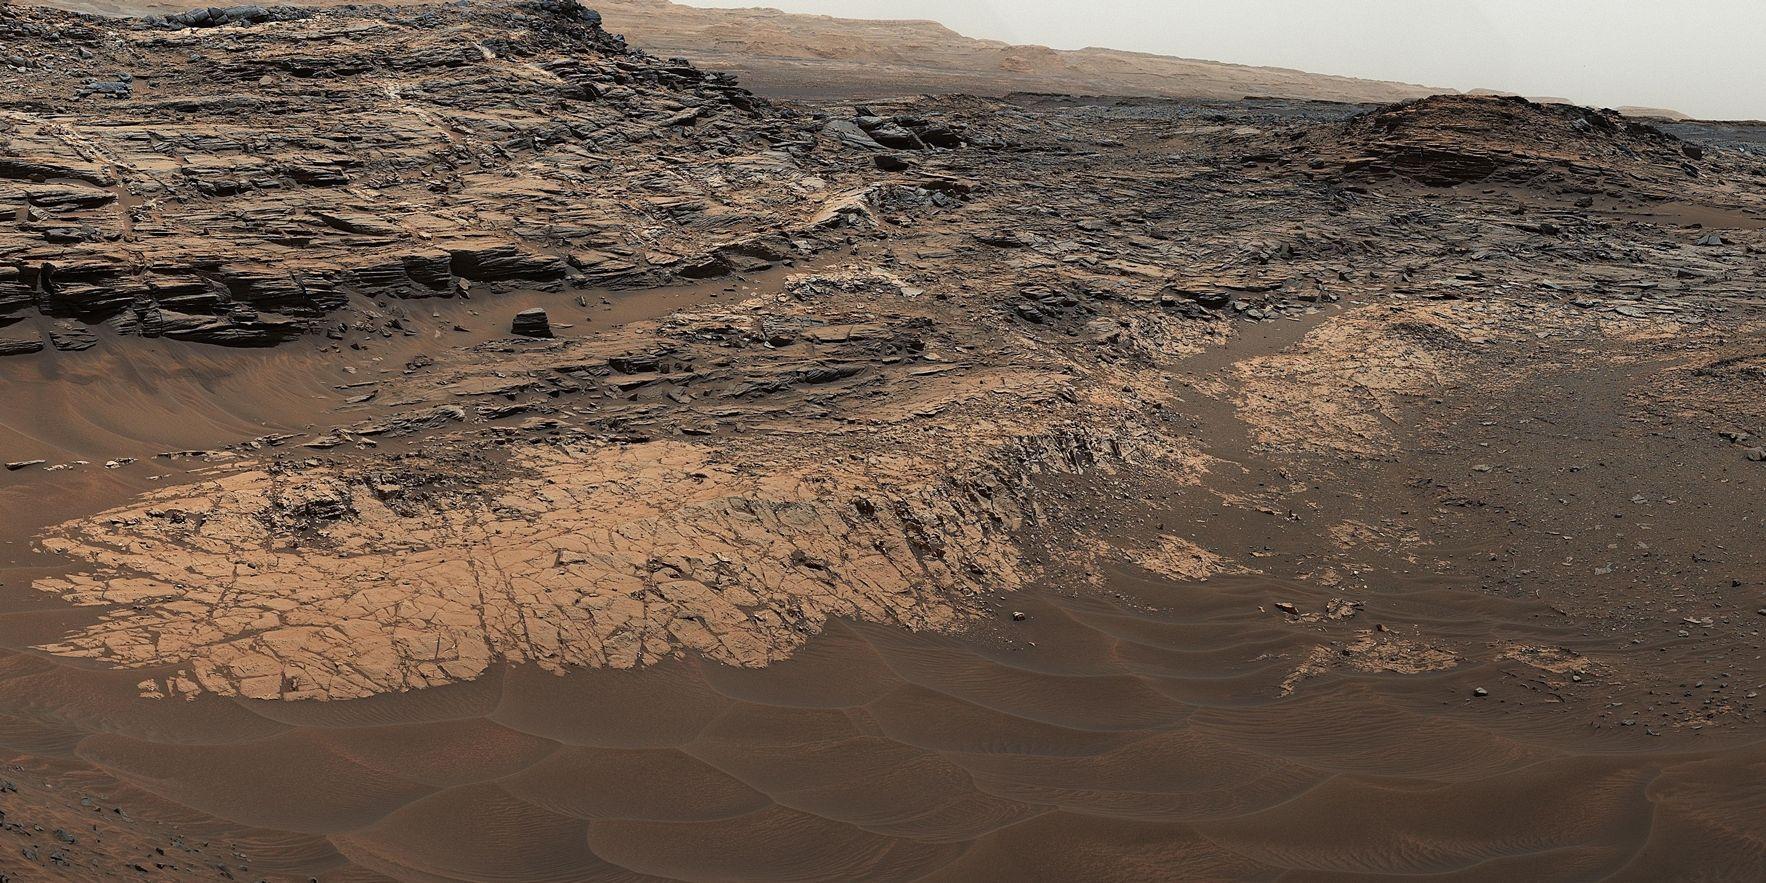 მარსზე სიცოცხლე მიწისქვეშ უნდა ვეძებოთ - ახალი კვლევა